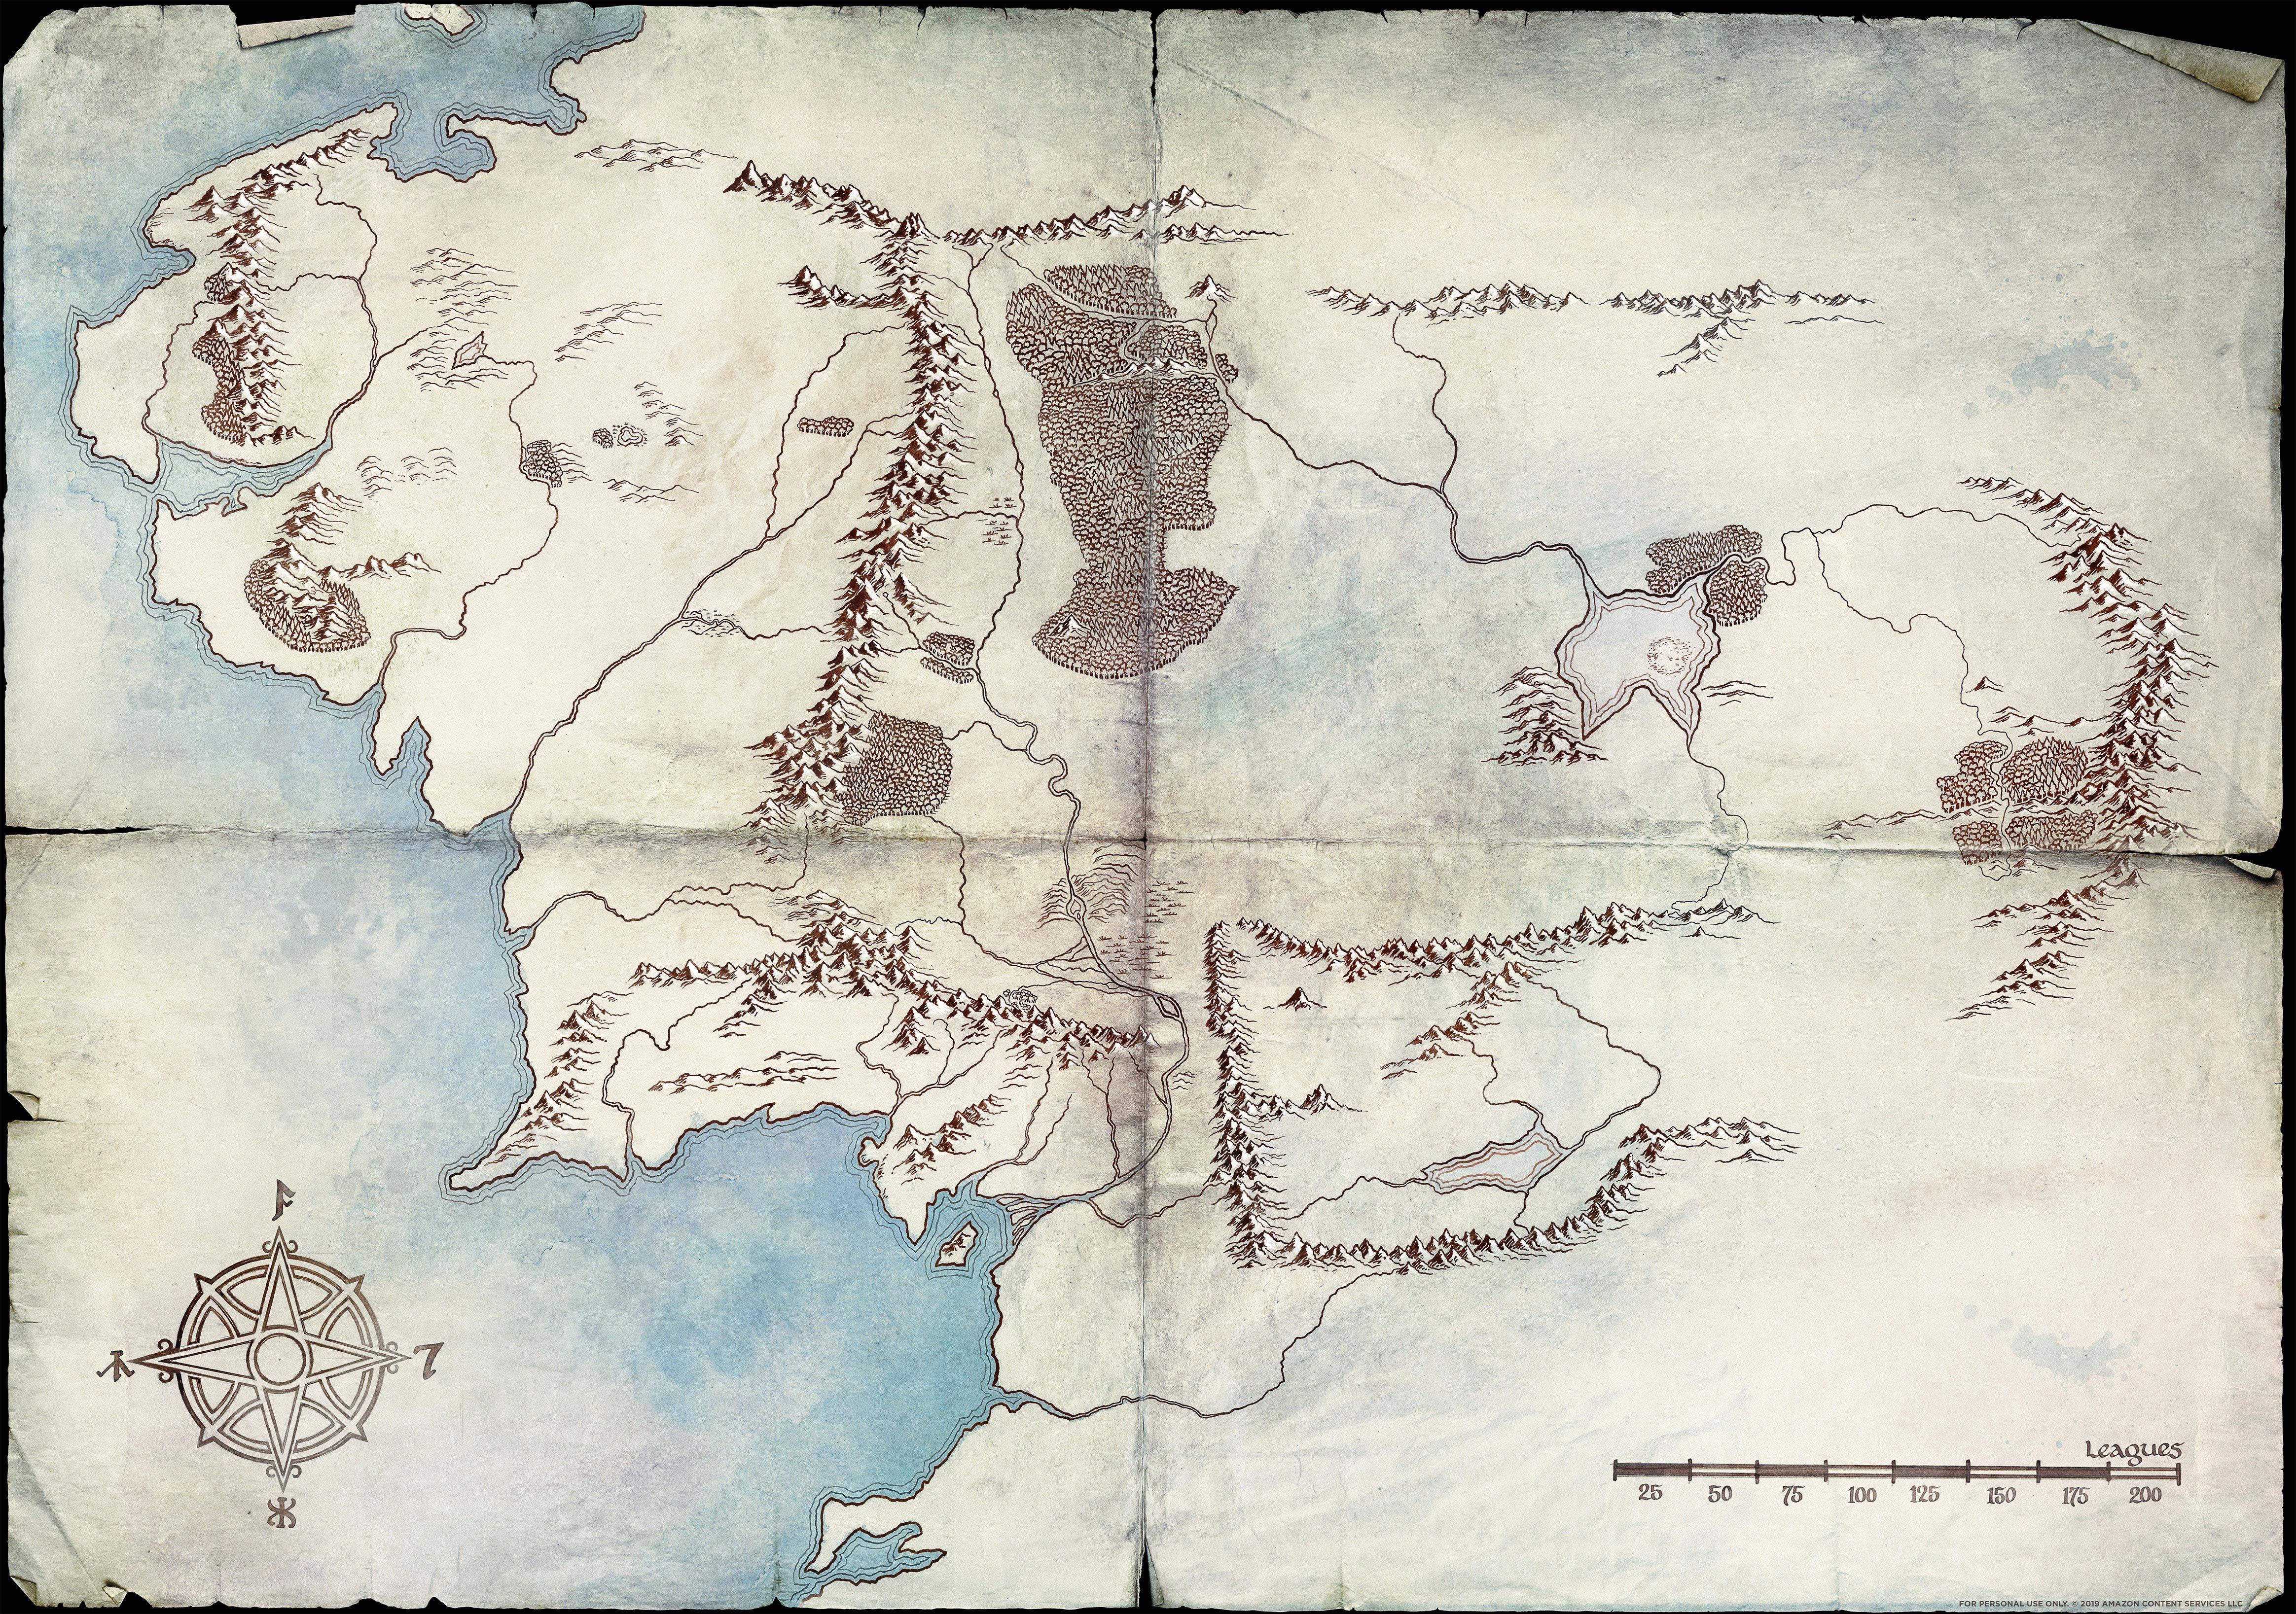 Mapa Tierra Media Detallado.Bienvenidos A La Segunda Edad Analizamos Los Mapas De La